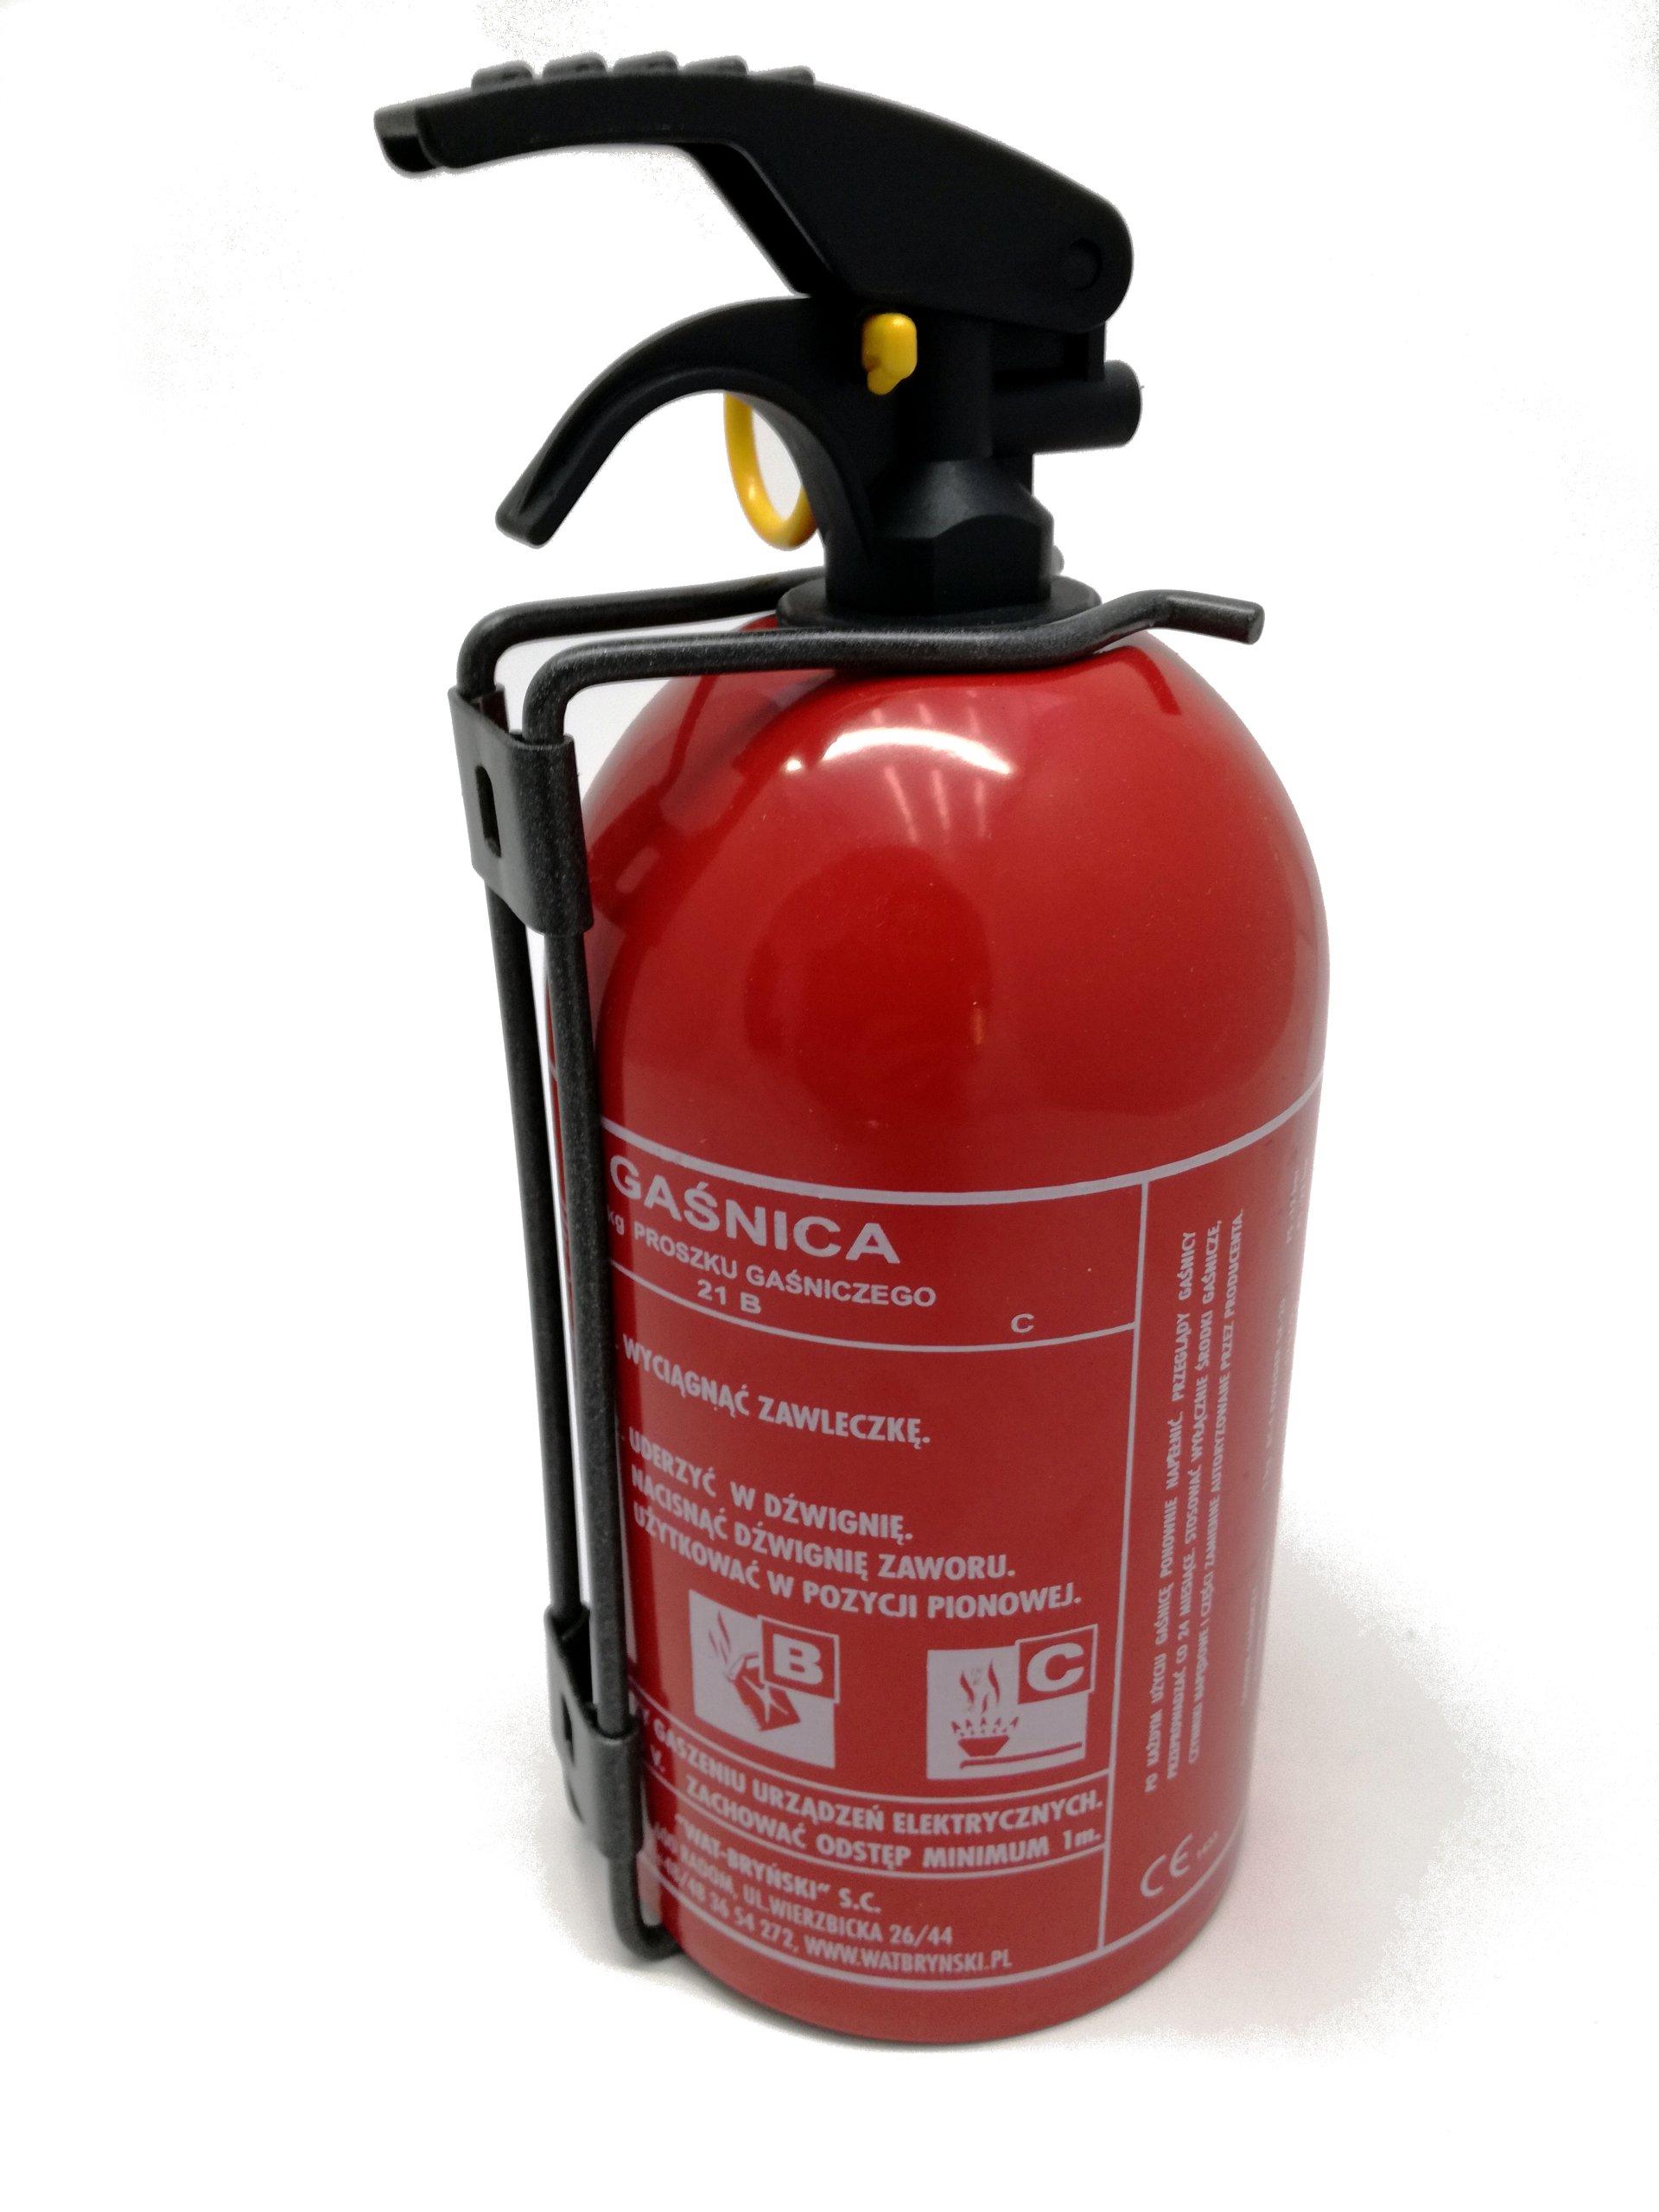 Автомобильный порошковый огнетушитель 1 кг + 5 лет